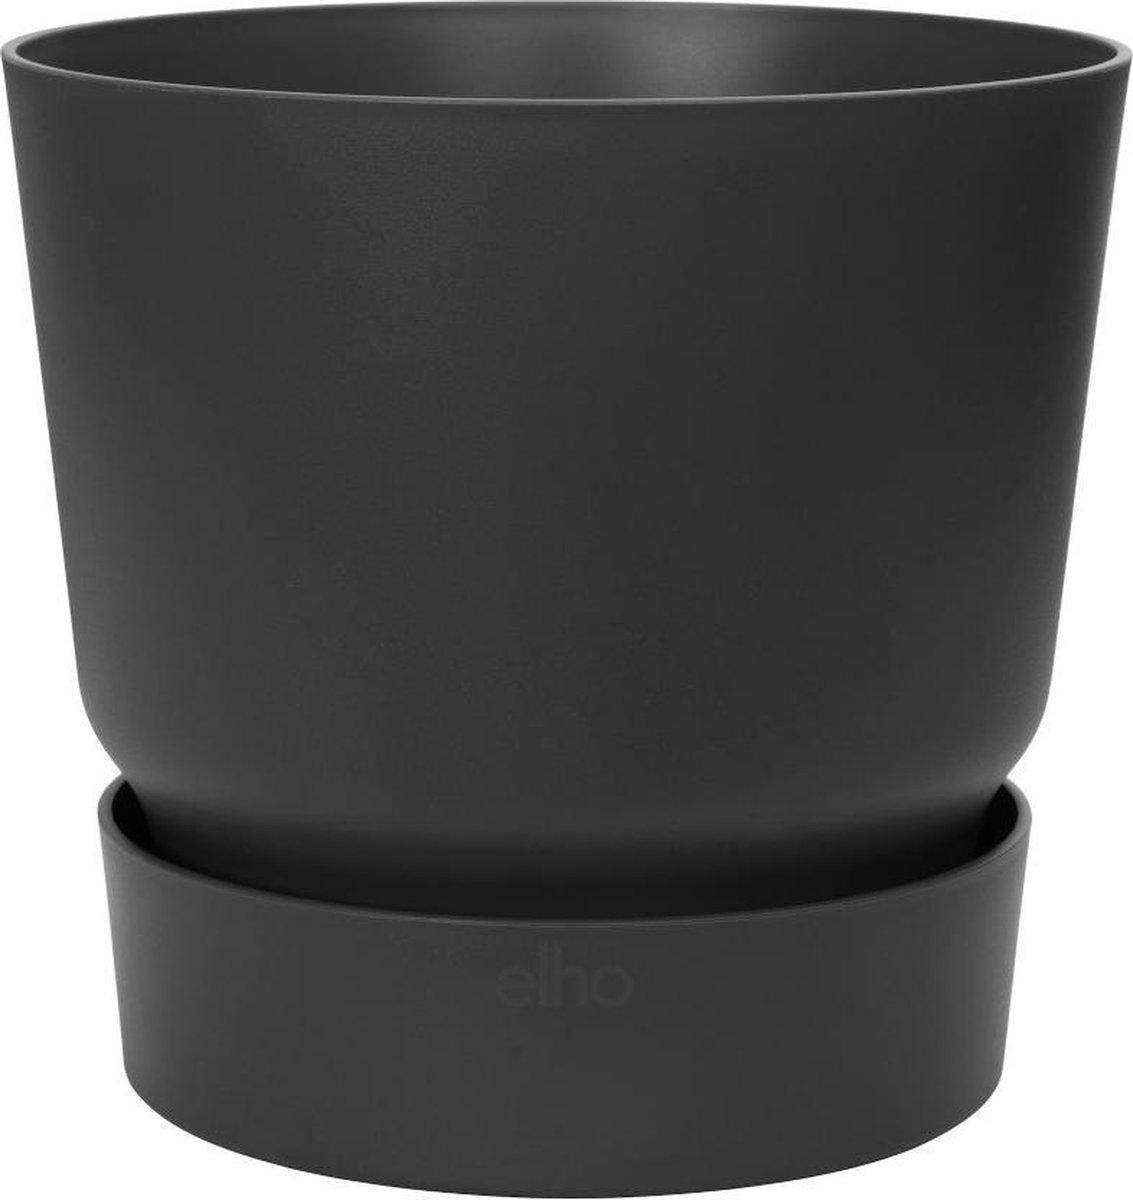 Elho Greenville Rond 25 - Bloempot voor Buiten - Ø 24.48 x H 23.31 - Zwart